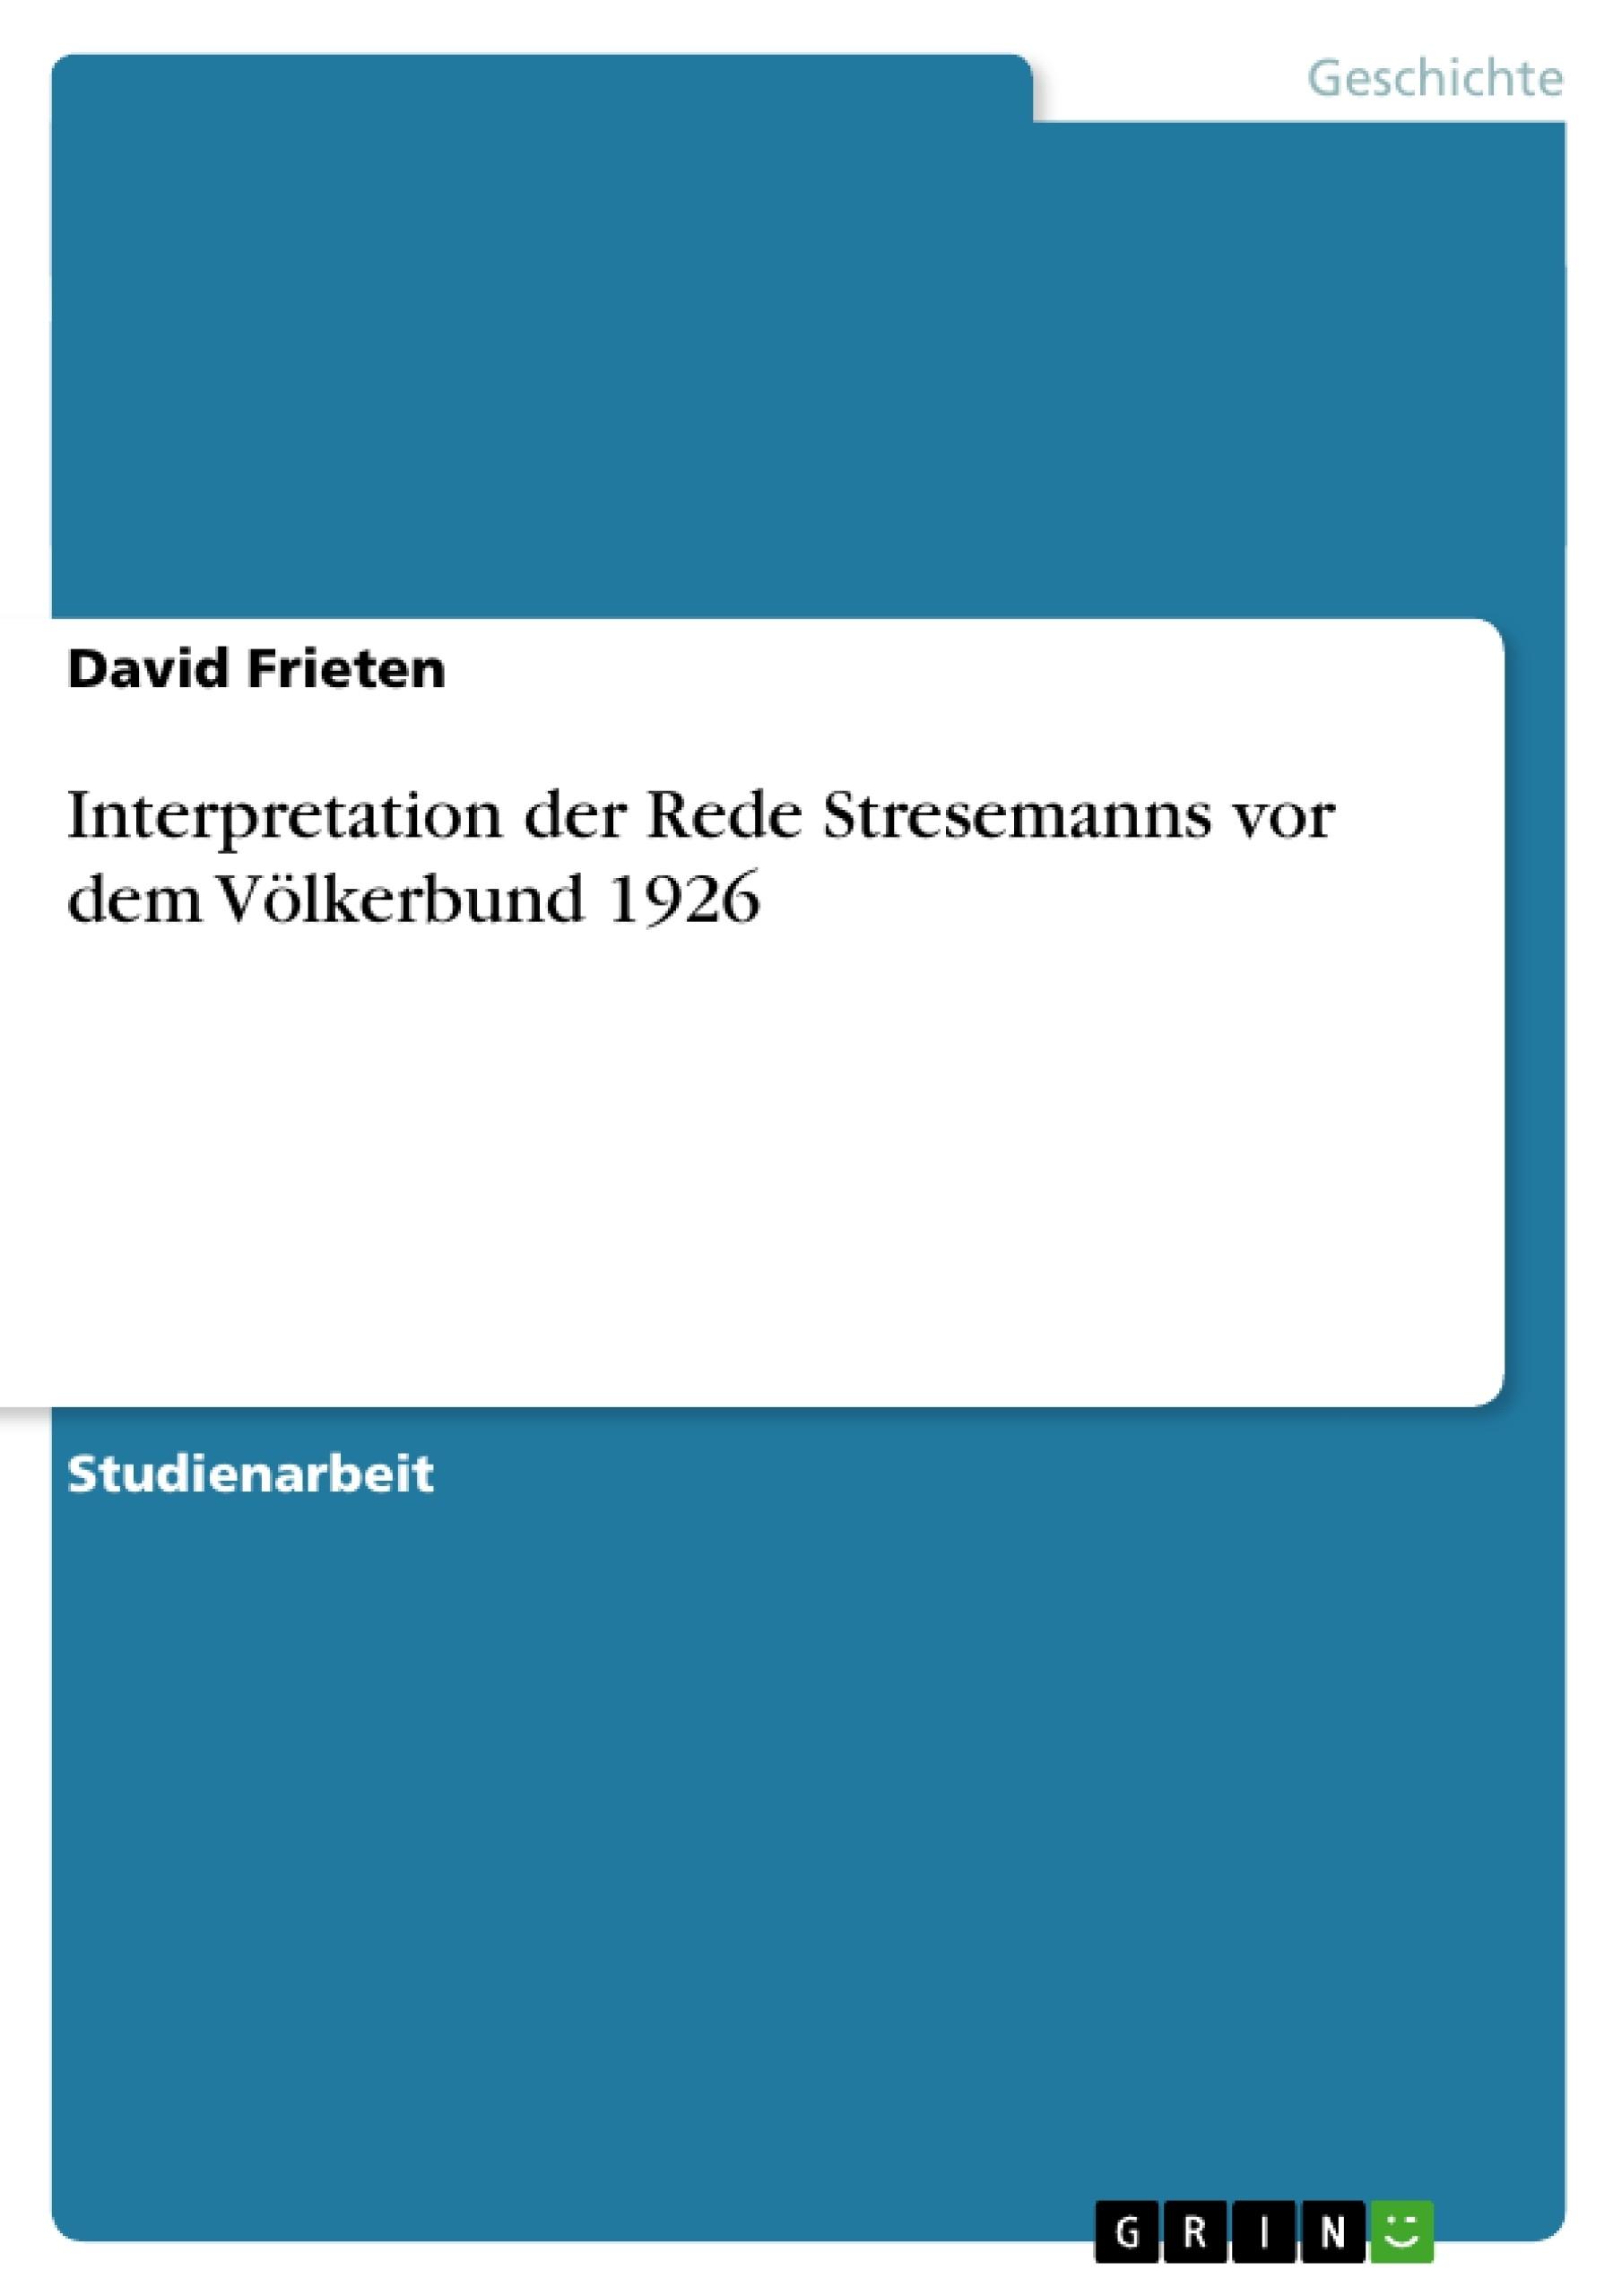 Titel: Interpretation der Rede Stresemanns vor dem Völkerbund 1926